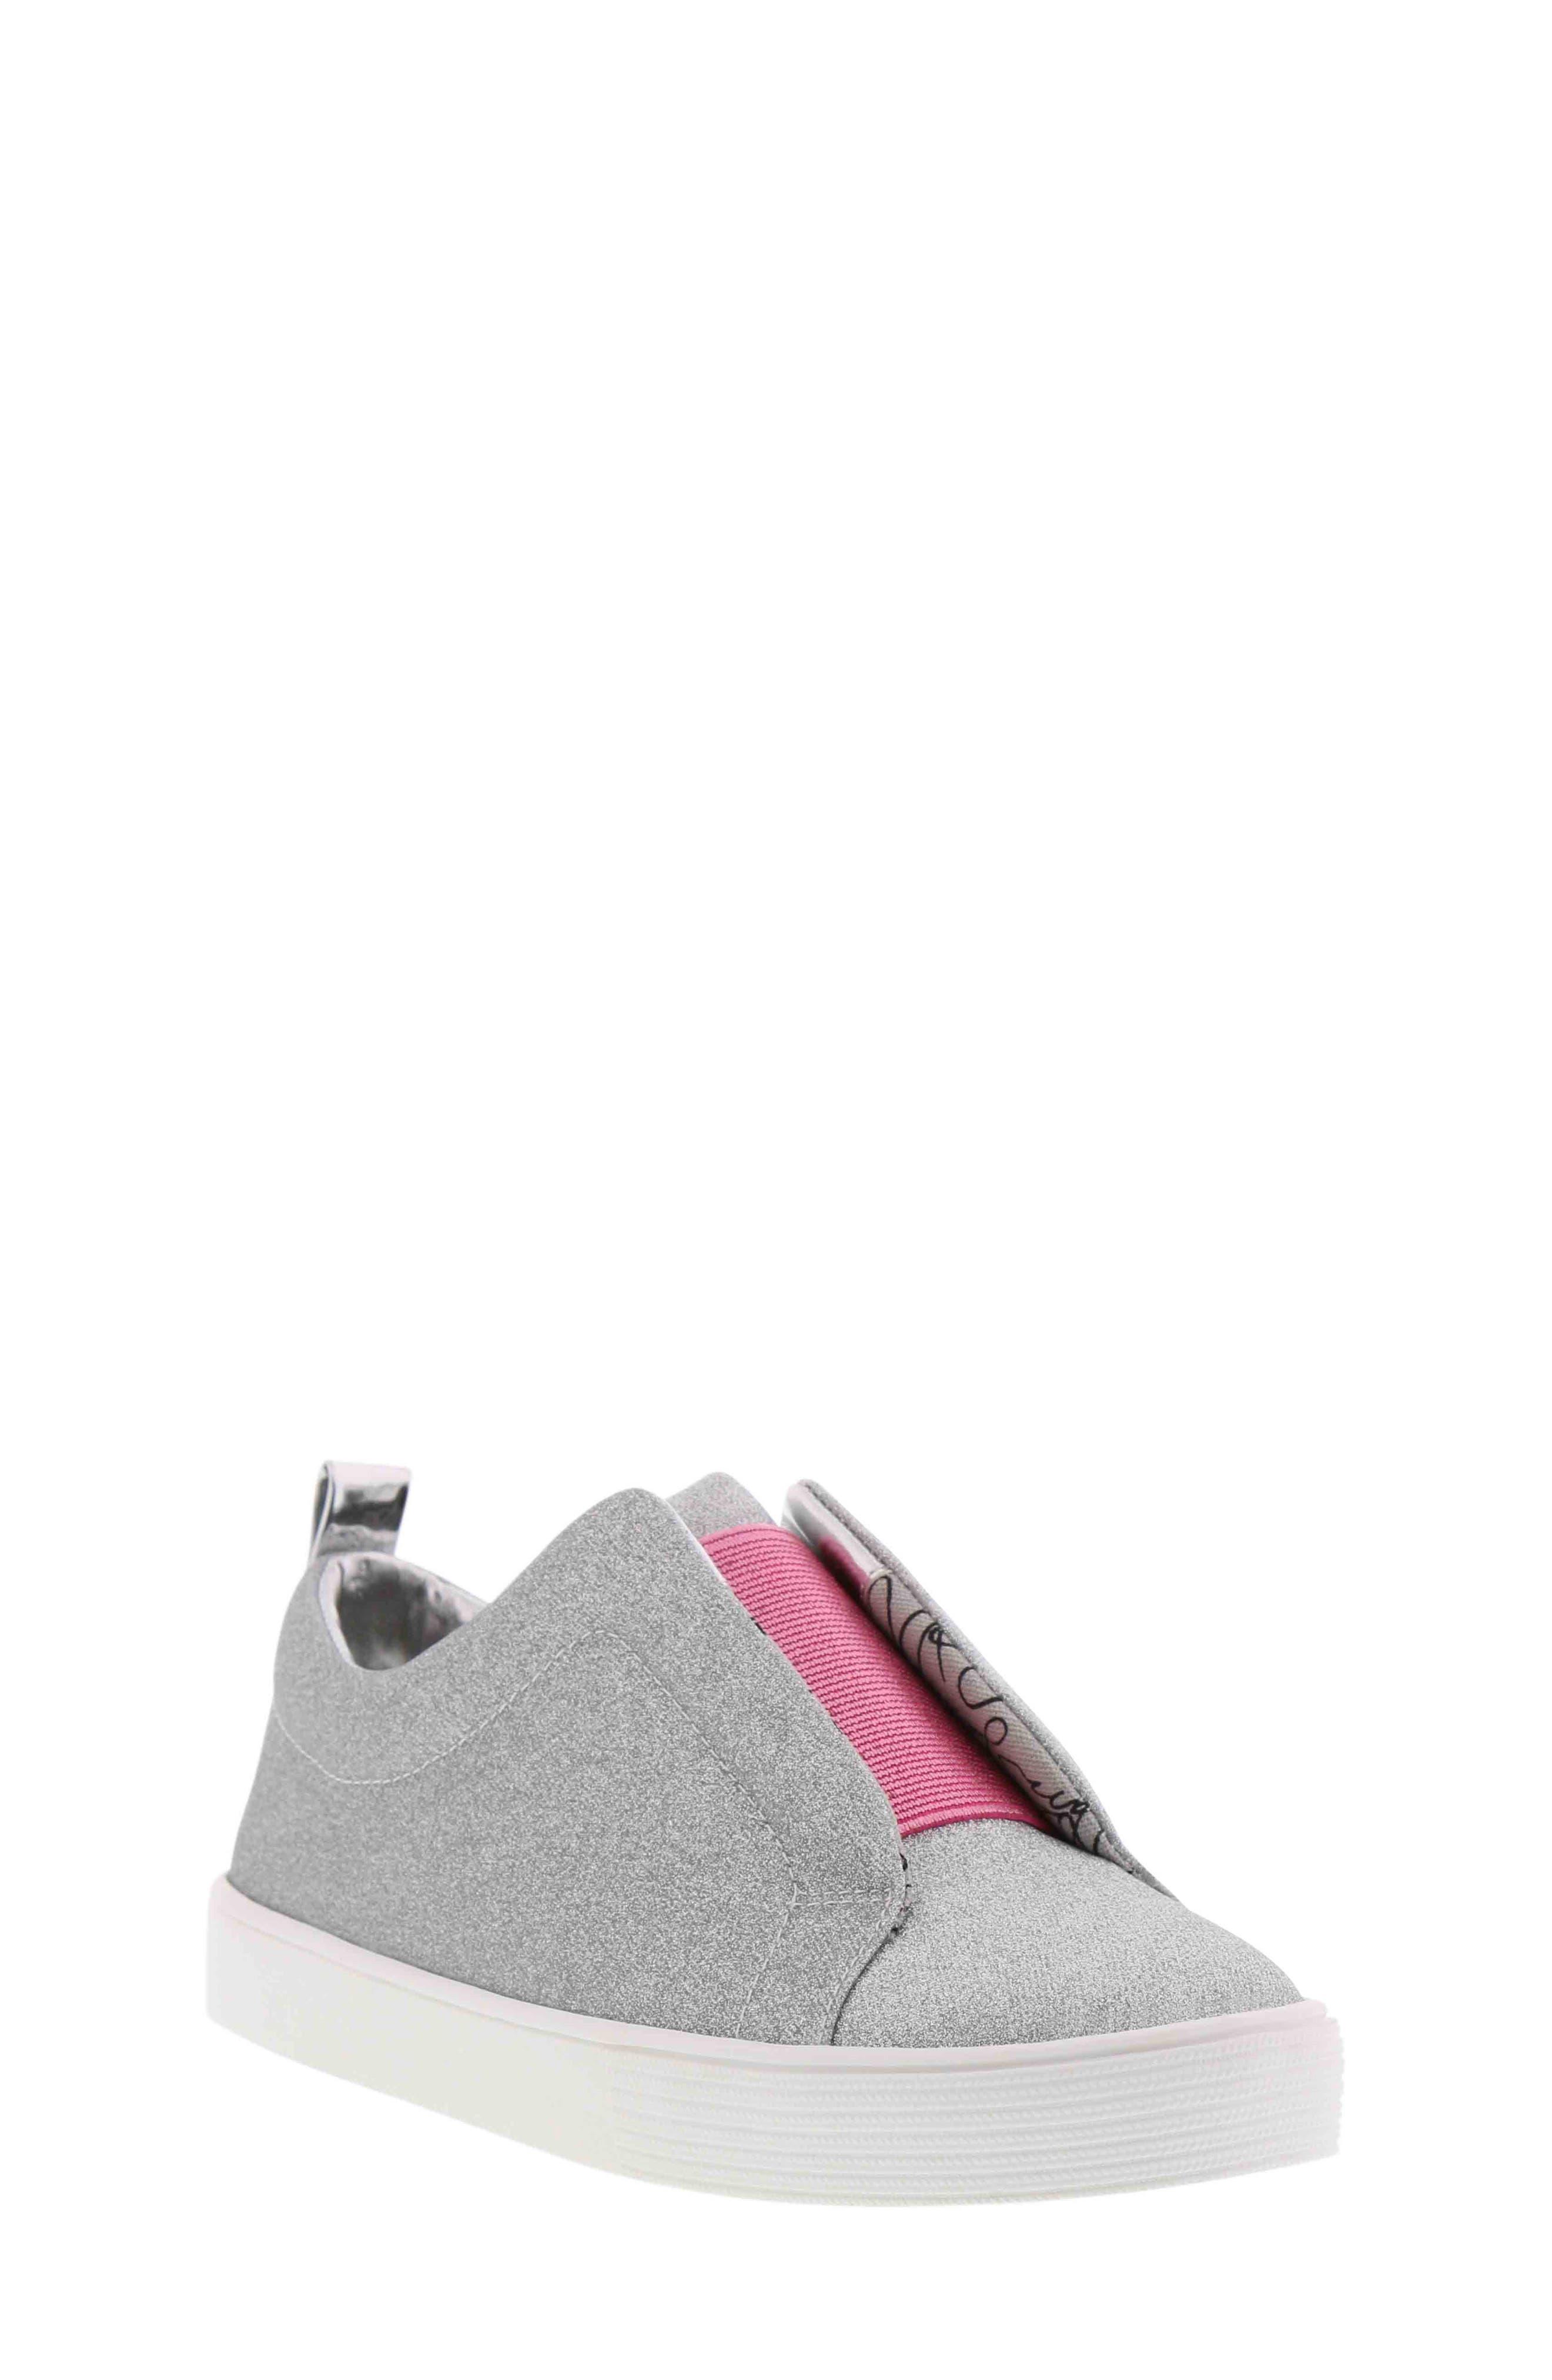 Bella Emma Slip-On Sneaker,                         Main,                         color, Silver Glitter